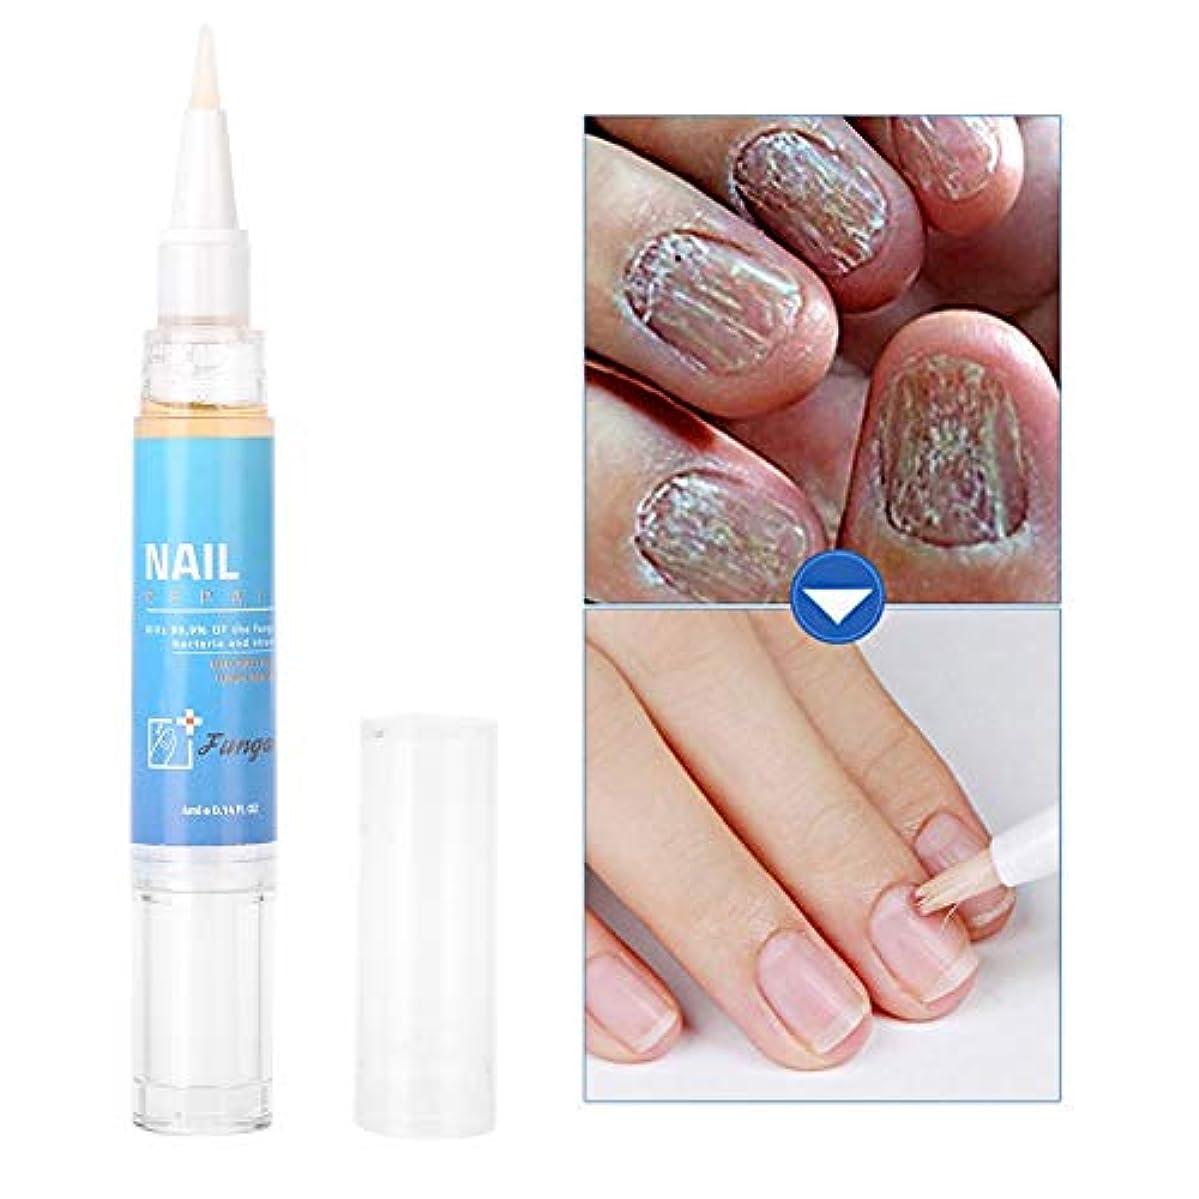 肌寒いハチモンクネイルケアクリーム 植物抽出物 副作用なし爪の代謝を促進 新しい爪の成長を促進